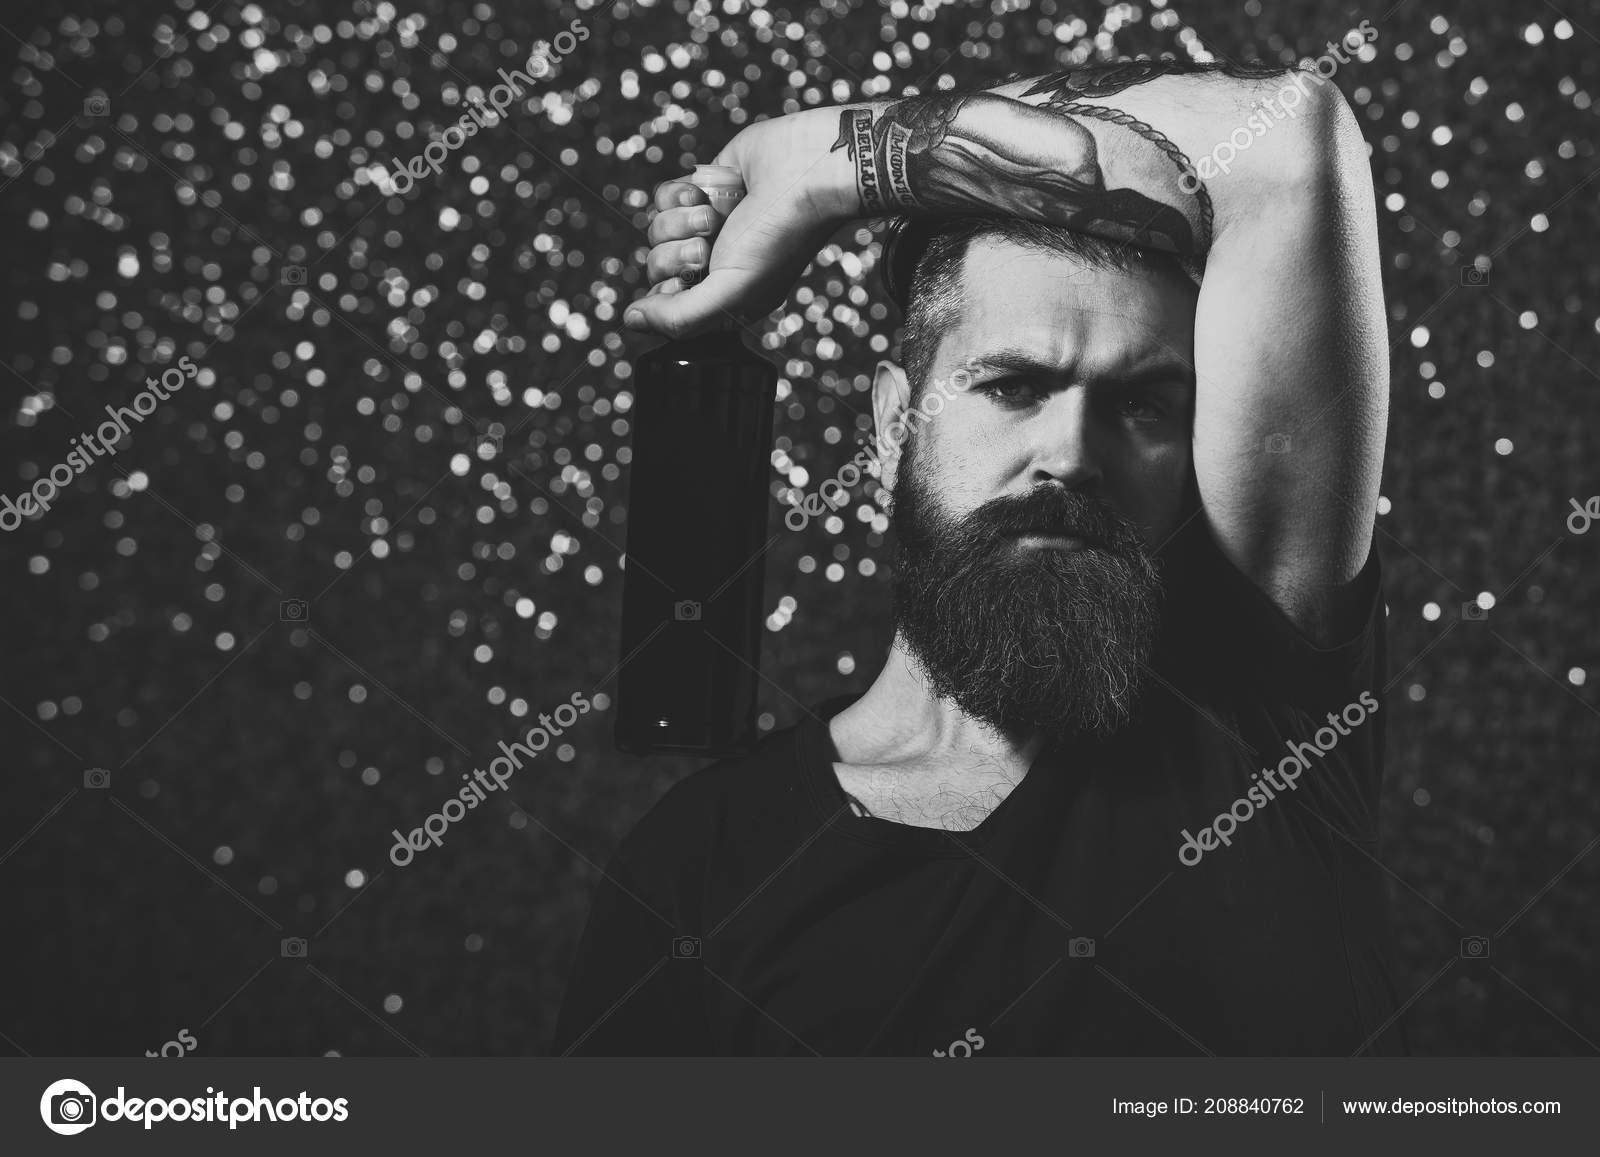 063222736 Mau hábito, dependência de álcool. Hipster com barba longa em tshirt preto  Segure o vinho. Tatuagem, moda, conceito de estilo.